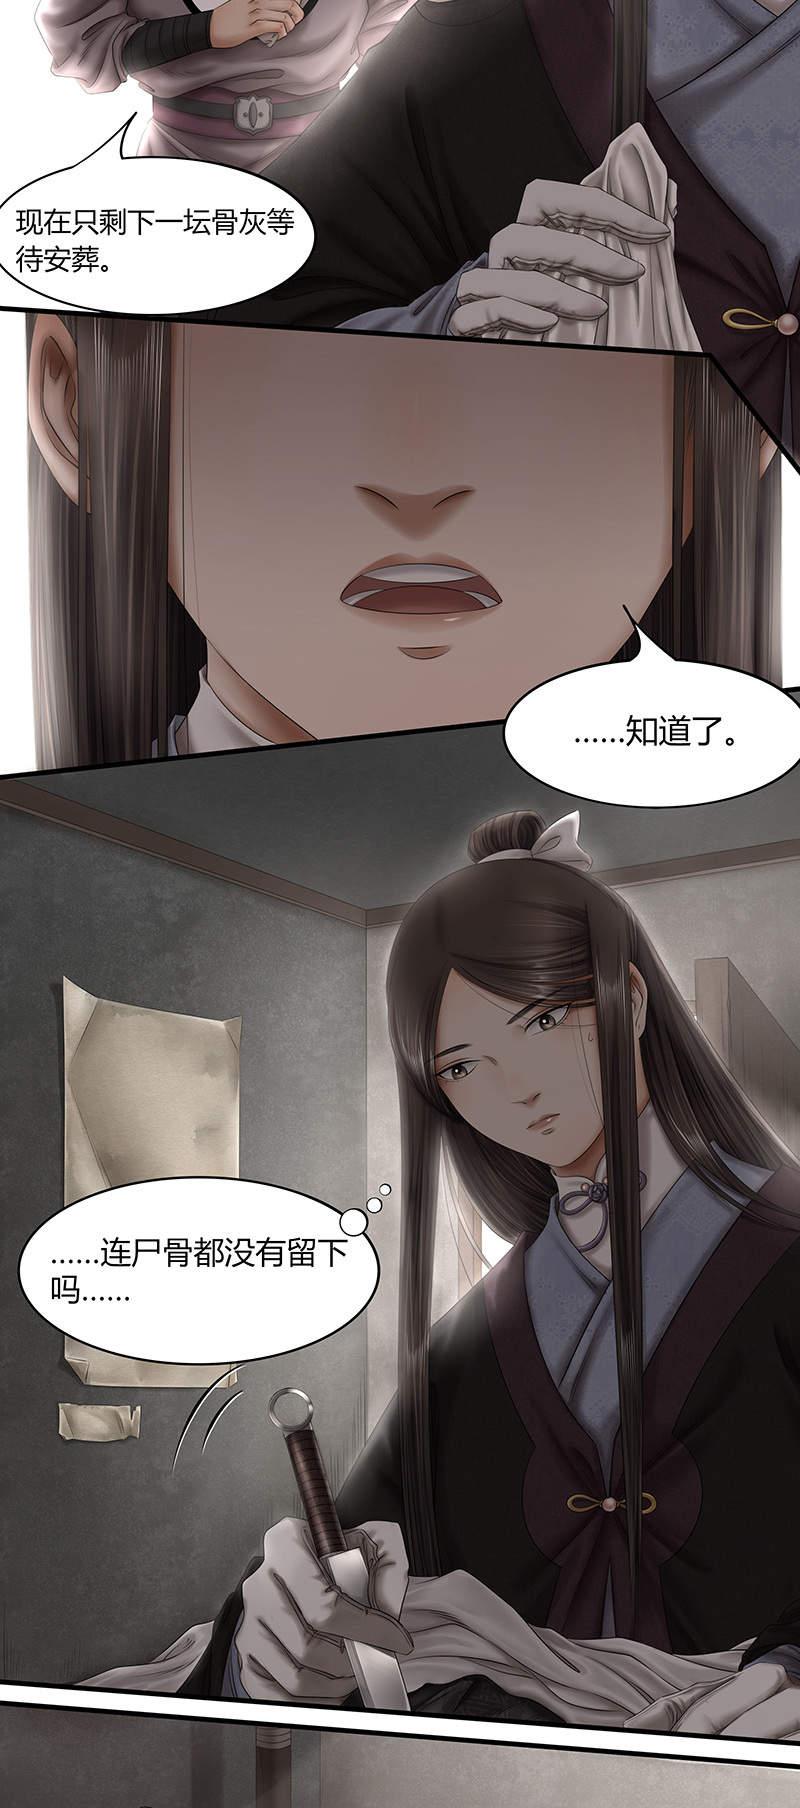 画骨女仵作第46话  怪衣 第 3